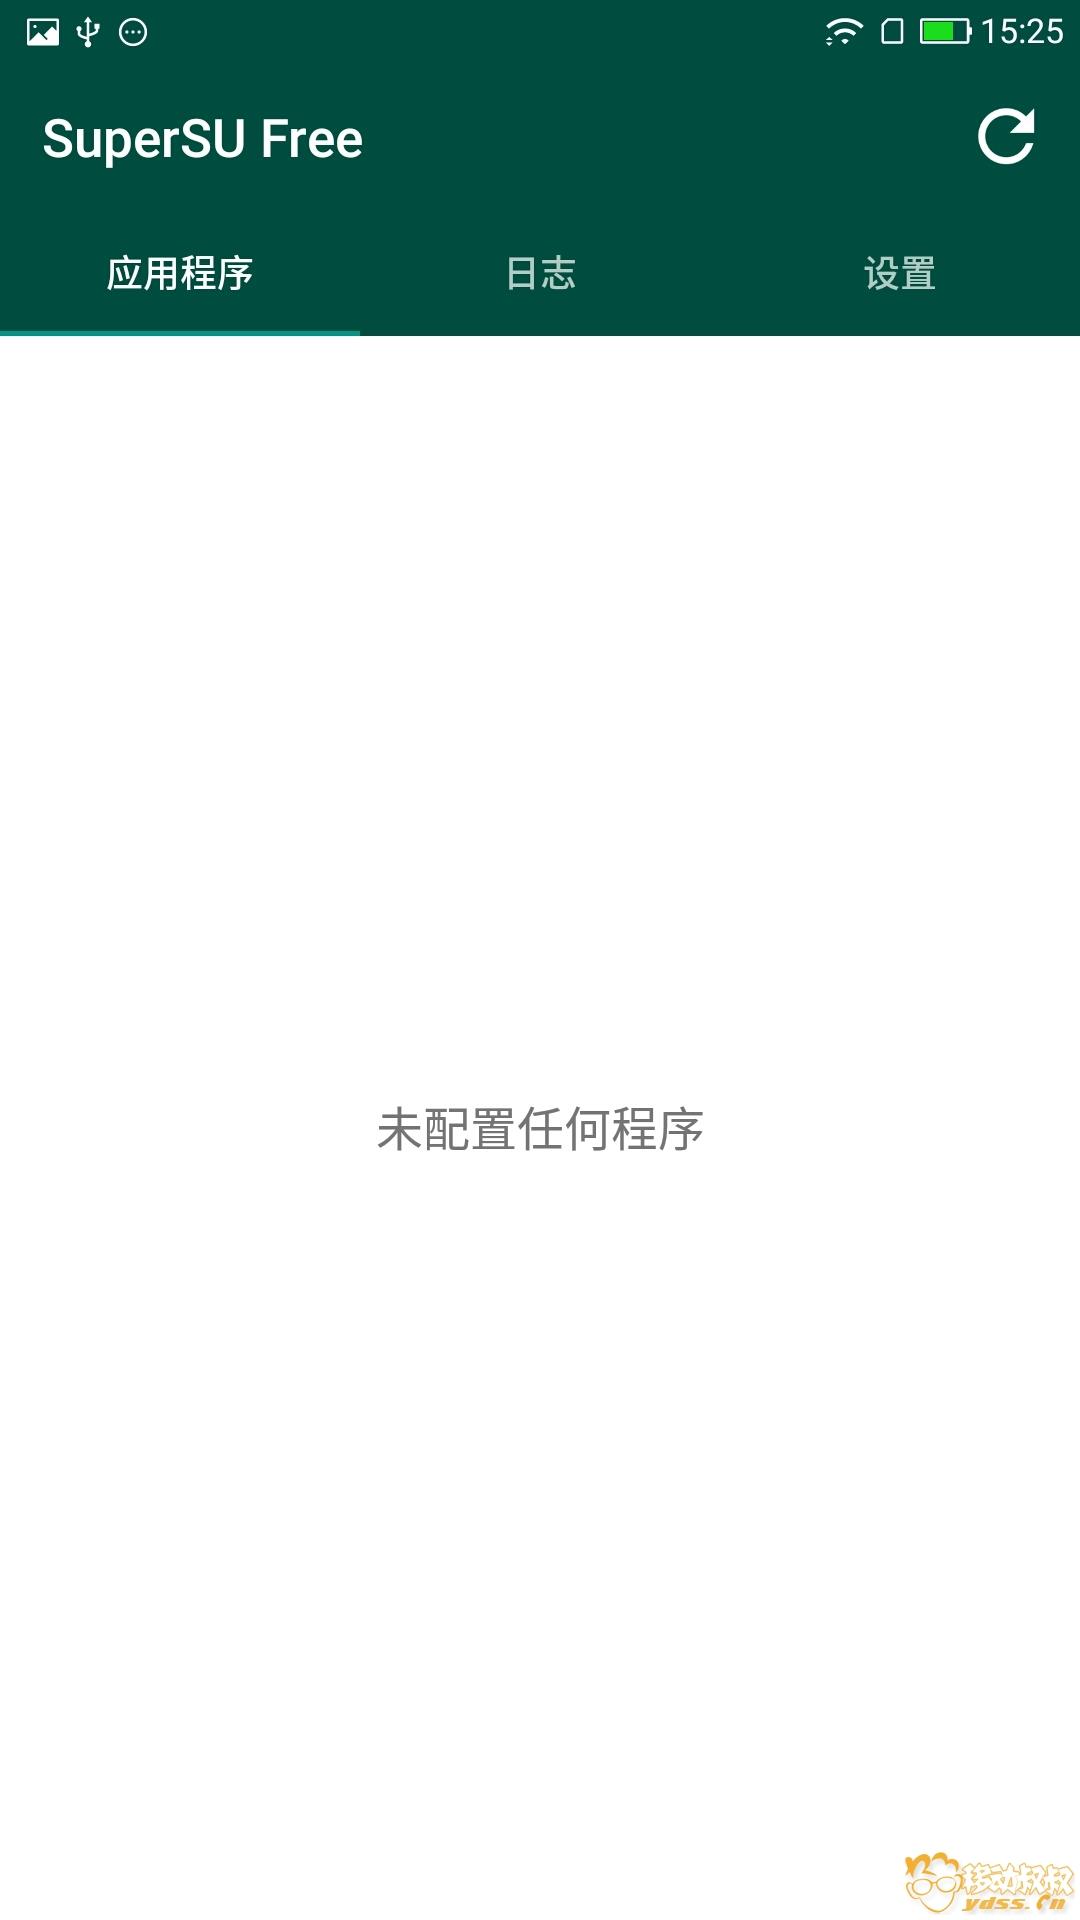 Screenshot_20170713-152558.jpg